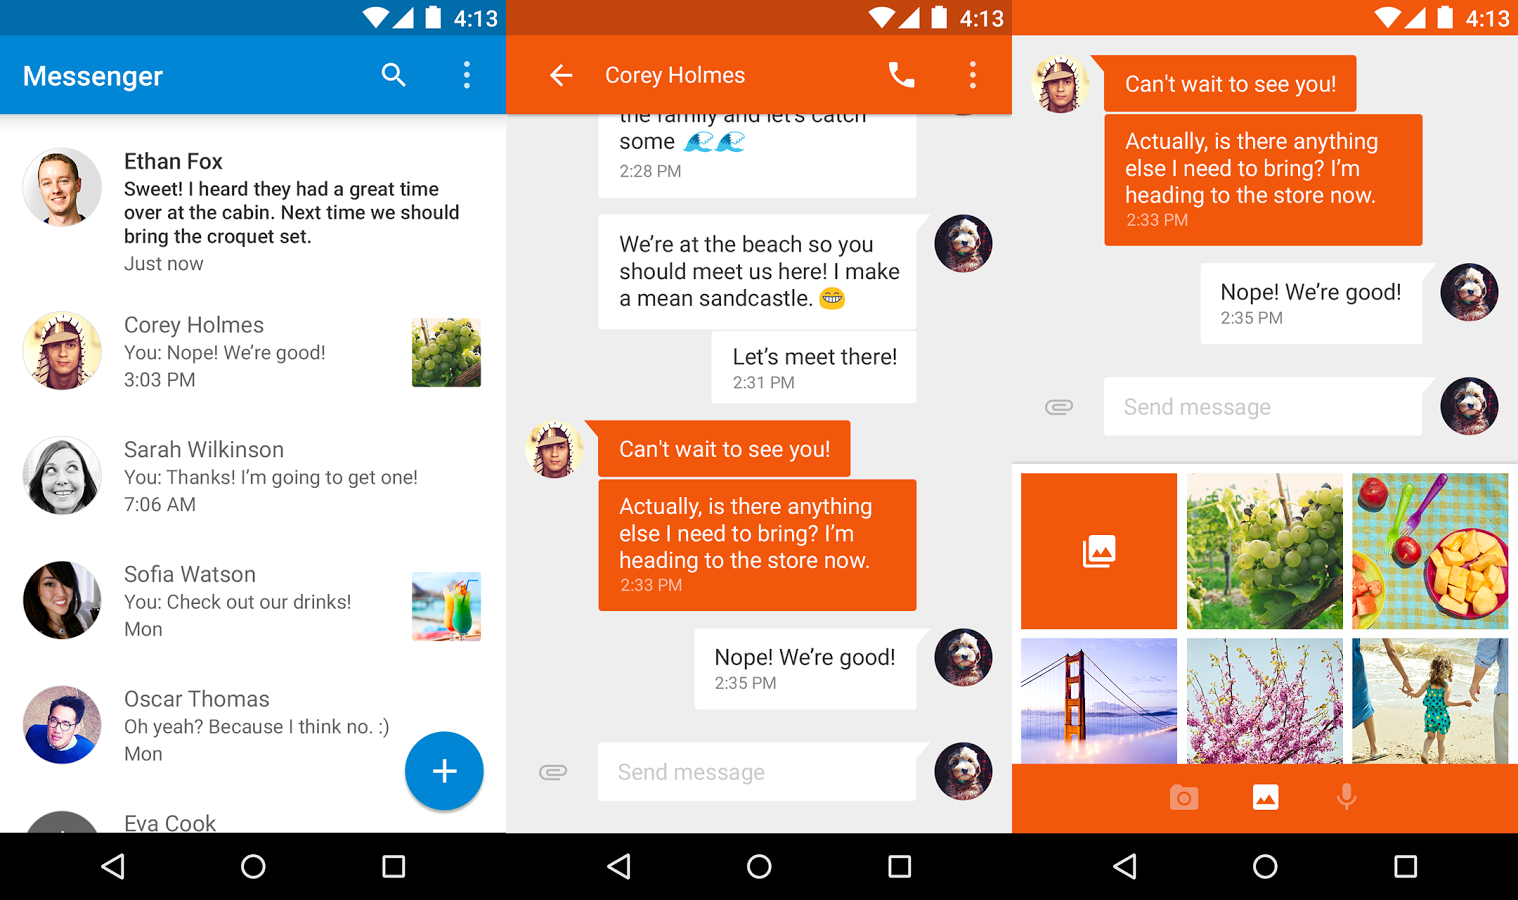 εντελώς δωρεάν online dating 100 δωρεάν ανταλλαγή μηνυμάτων Ταχύτητα χρονολογίων Firma